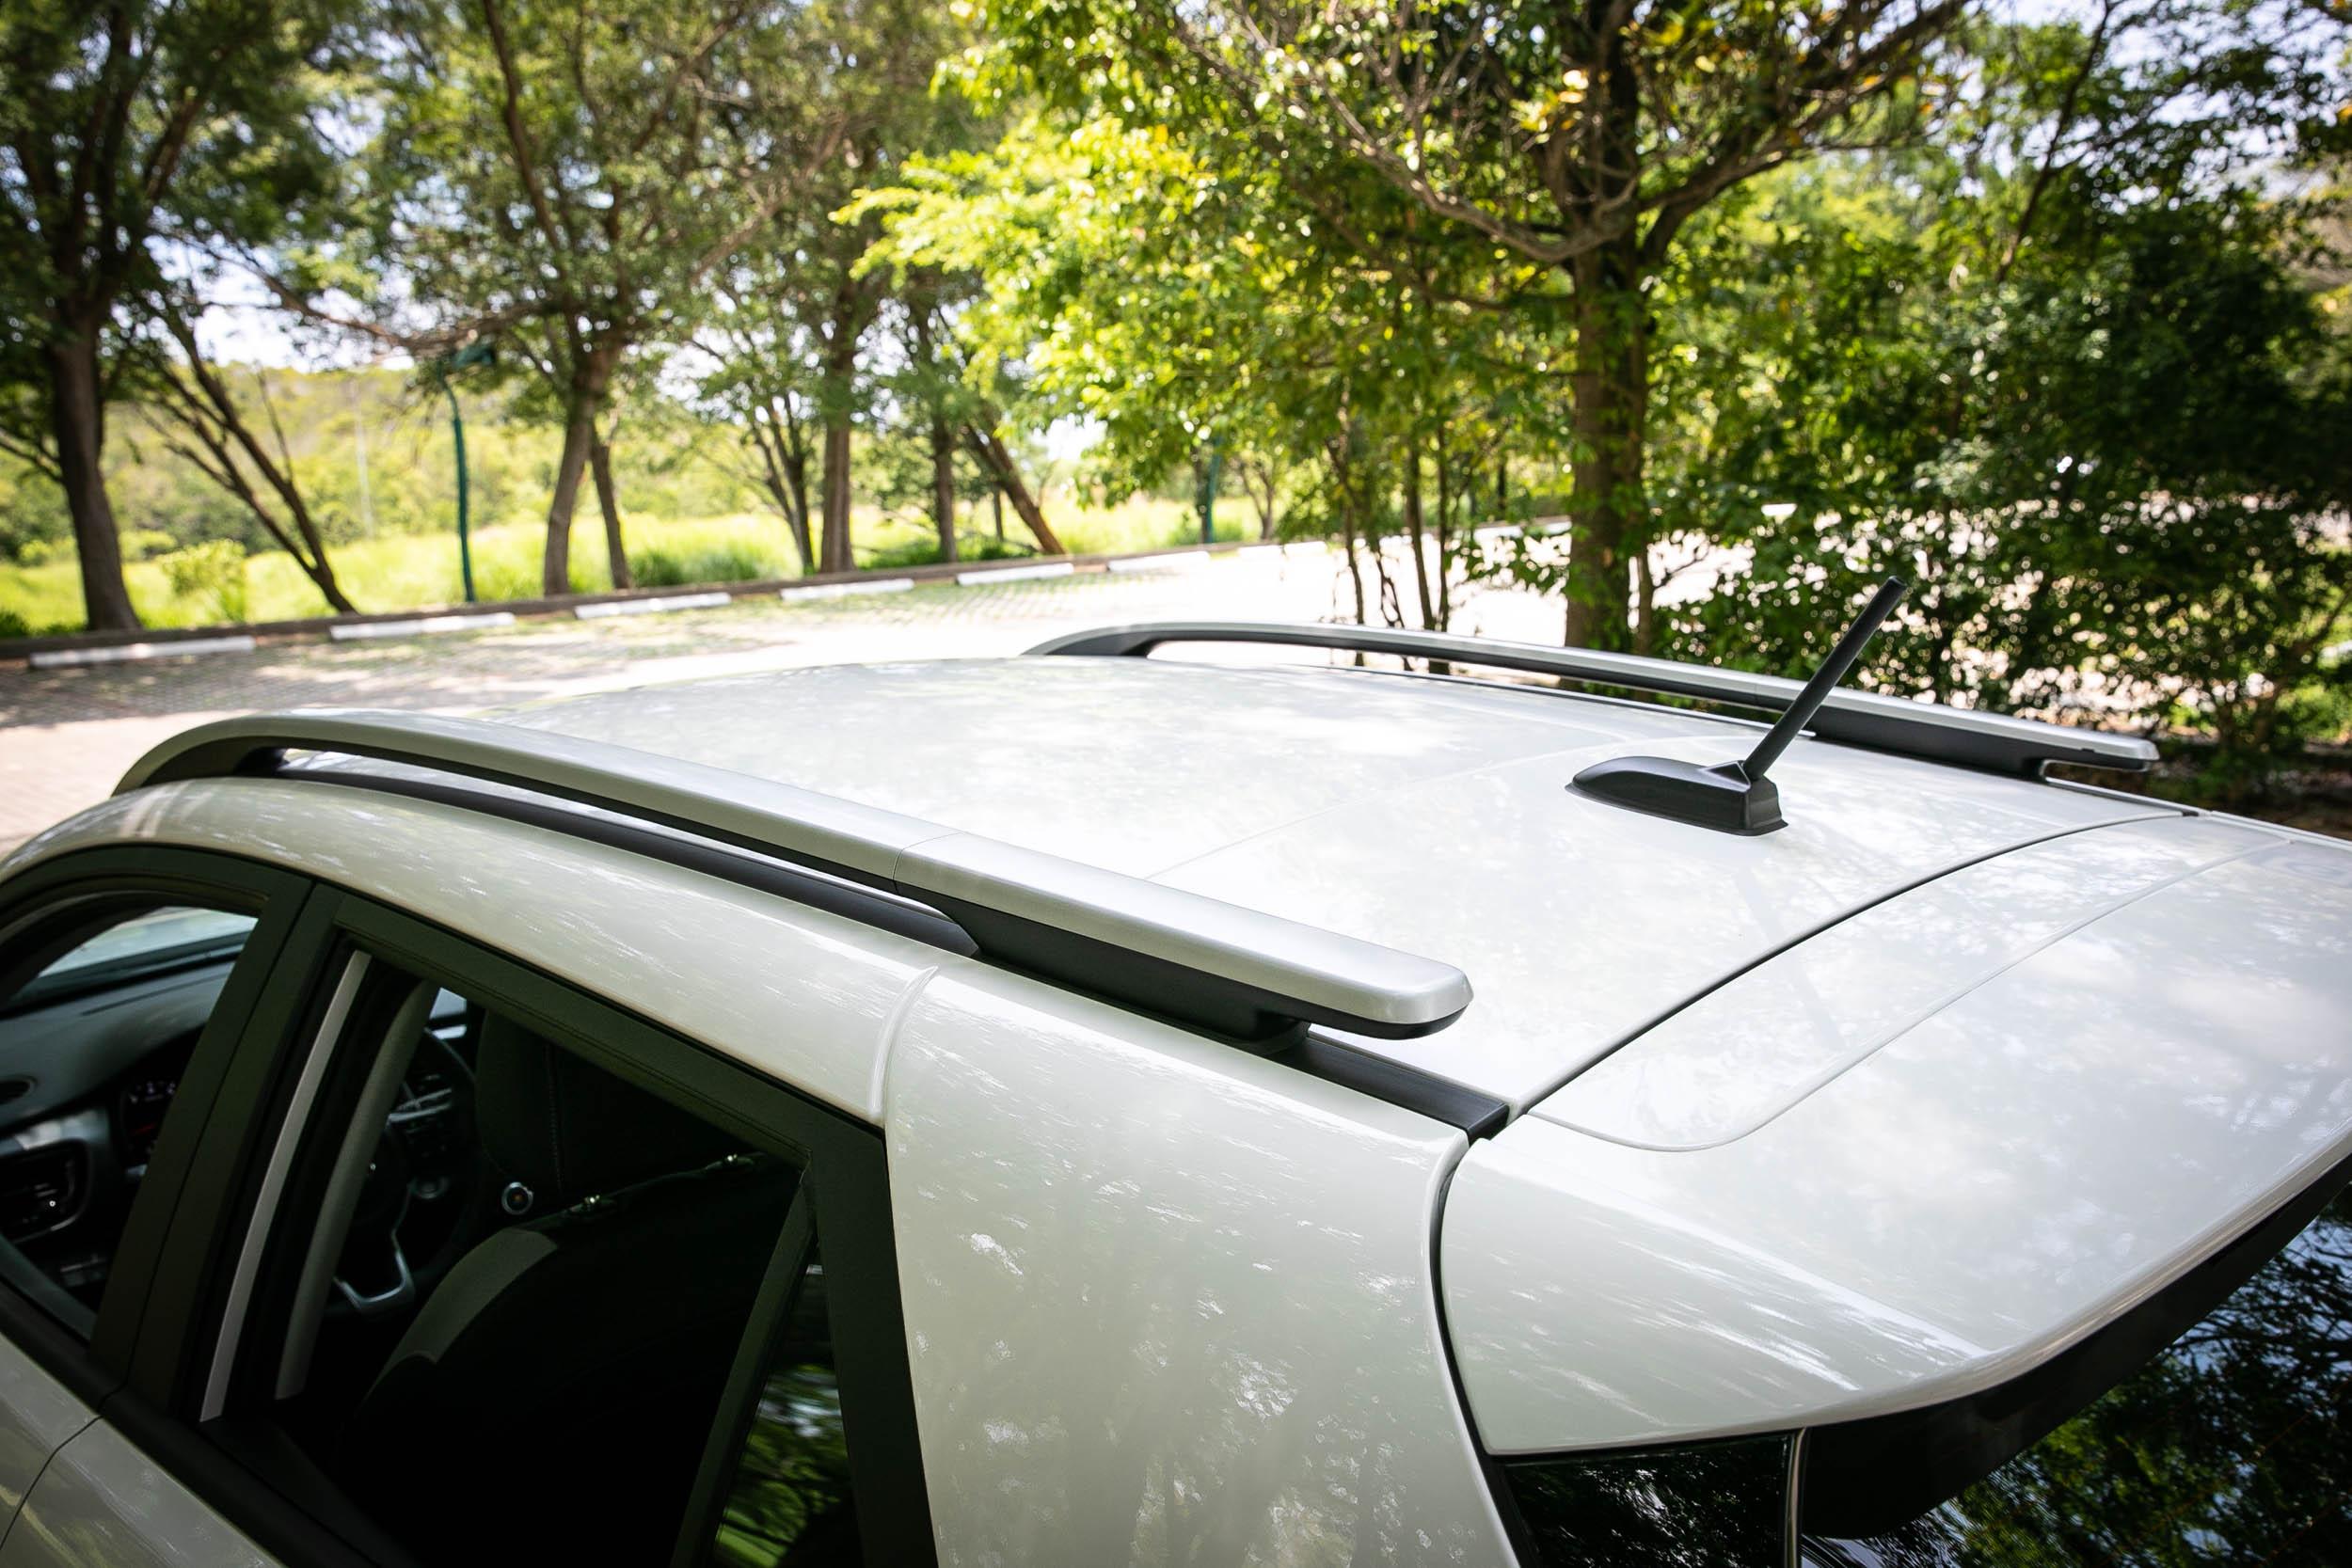 1.4L 車型取消雙采車身設定,車頂改為車身同色處理。